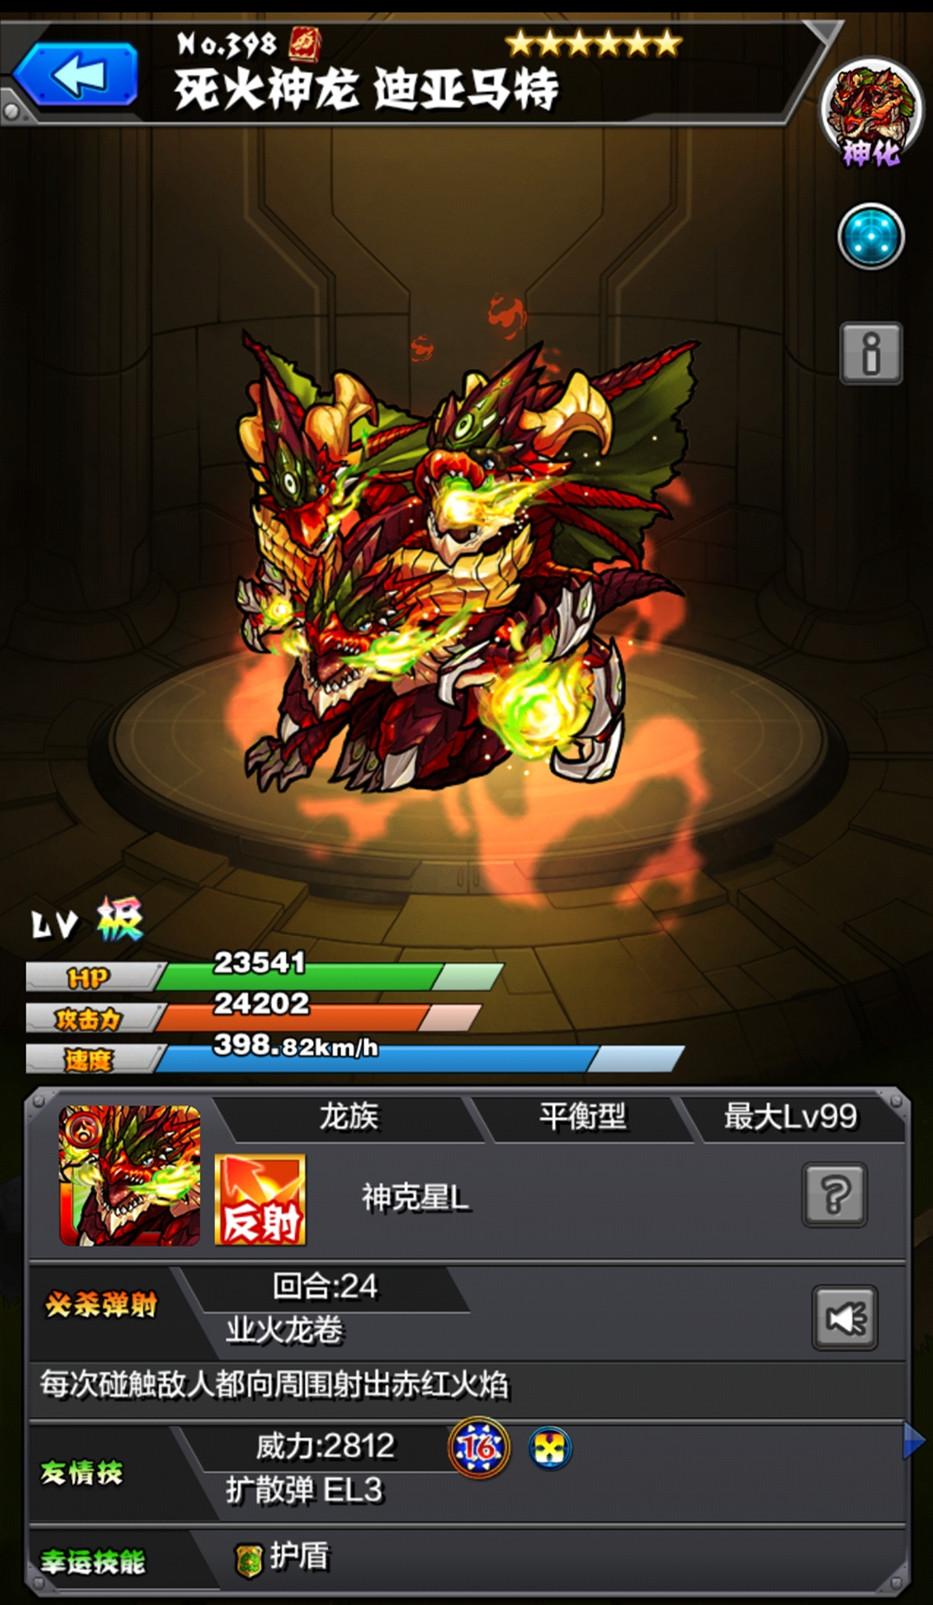 怪物弹珠火龙三个阶段能力一览 火龙能力和特色介绍